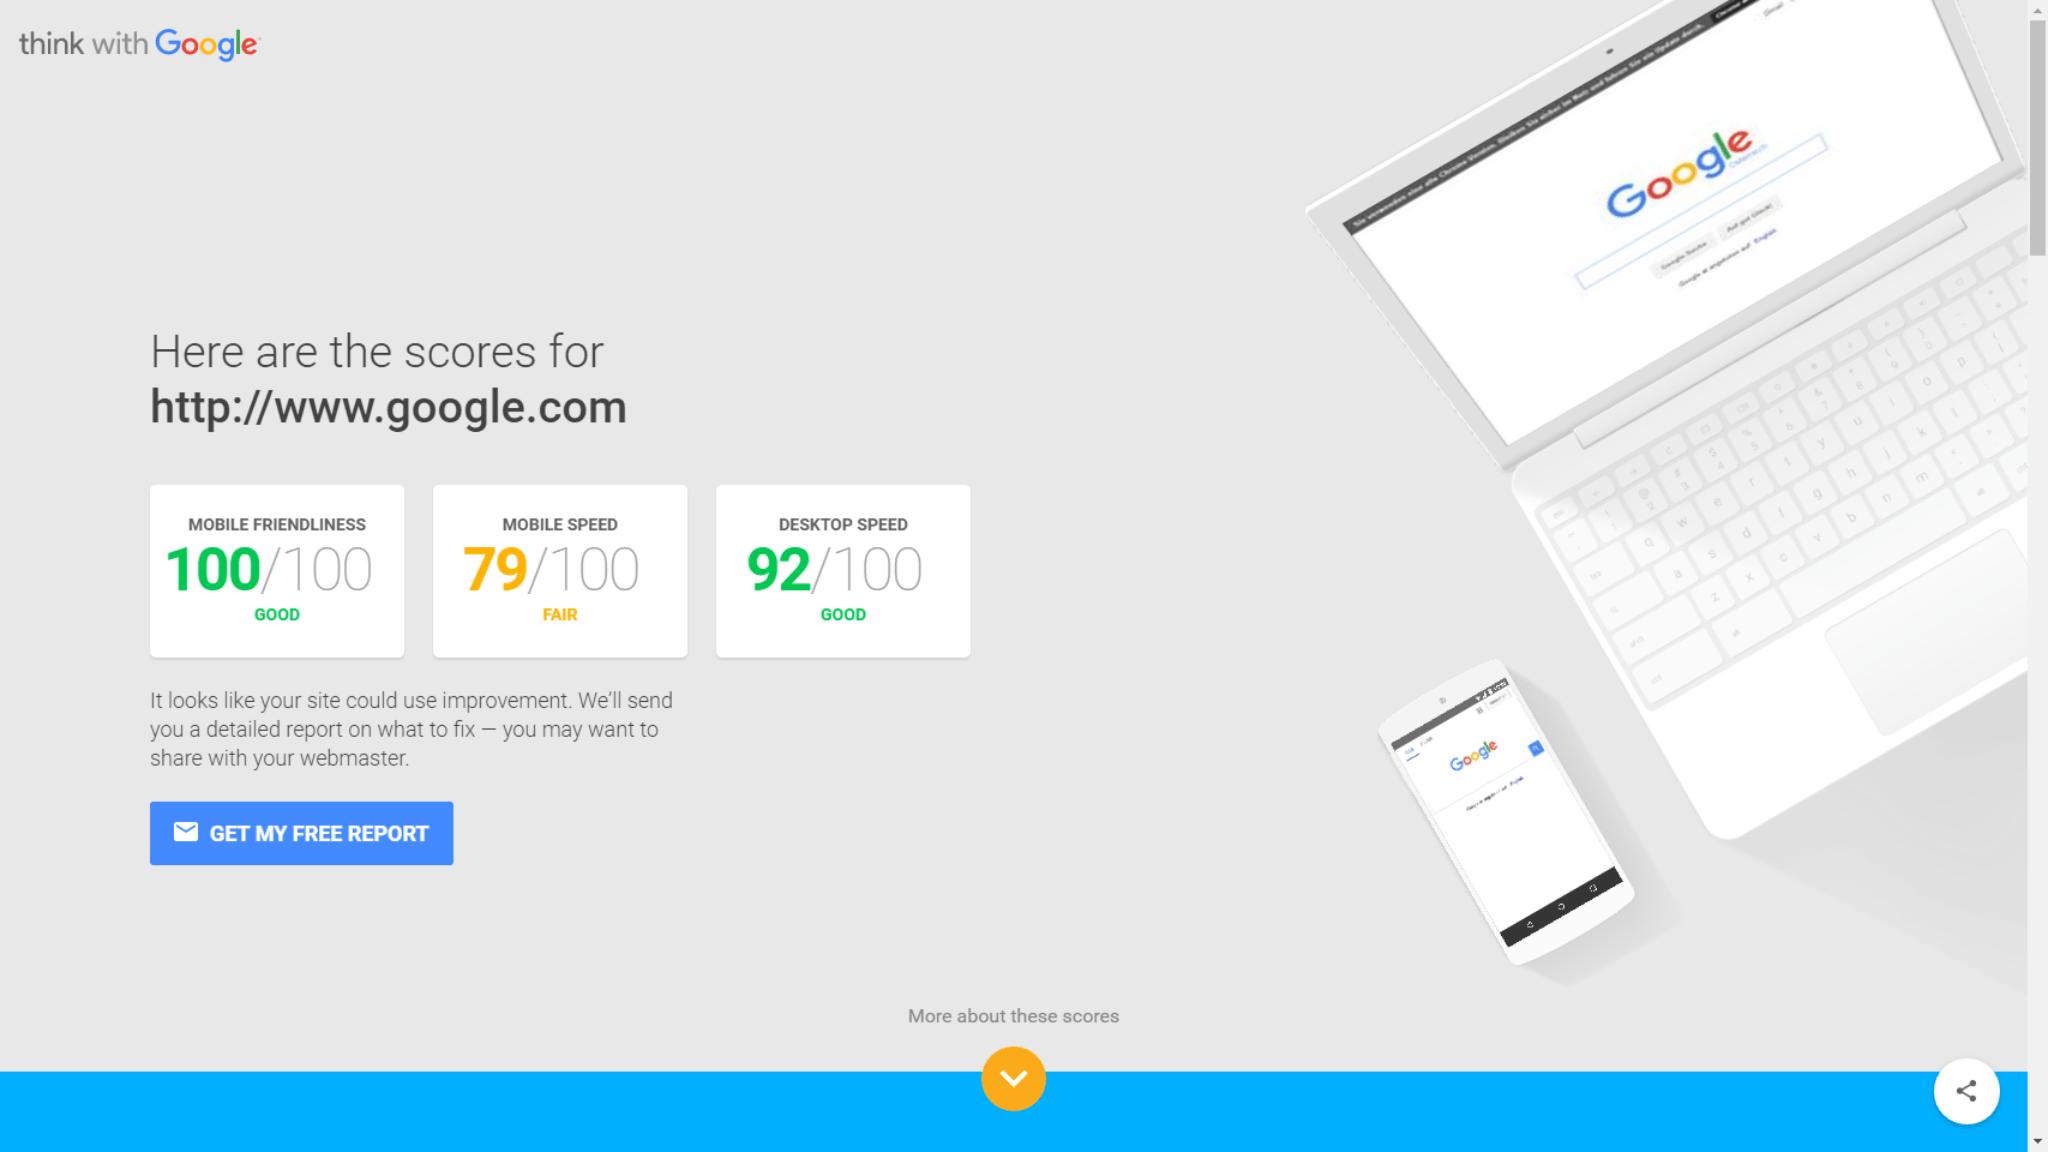 mobile googlecom